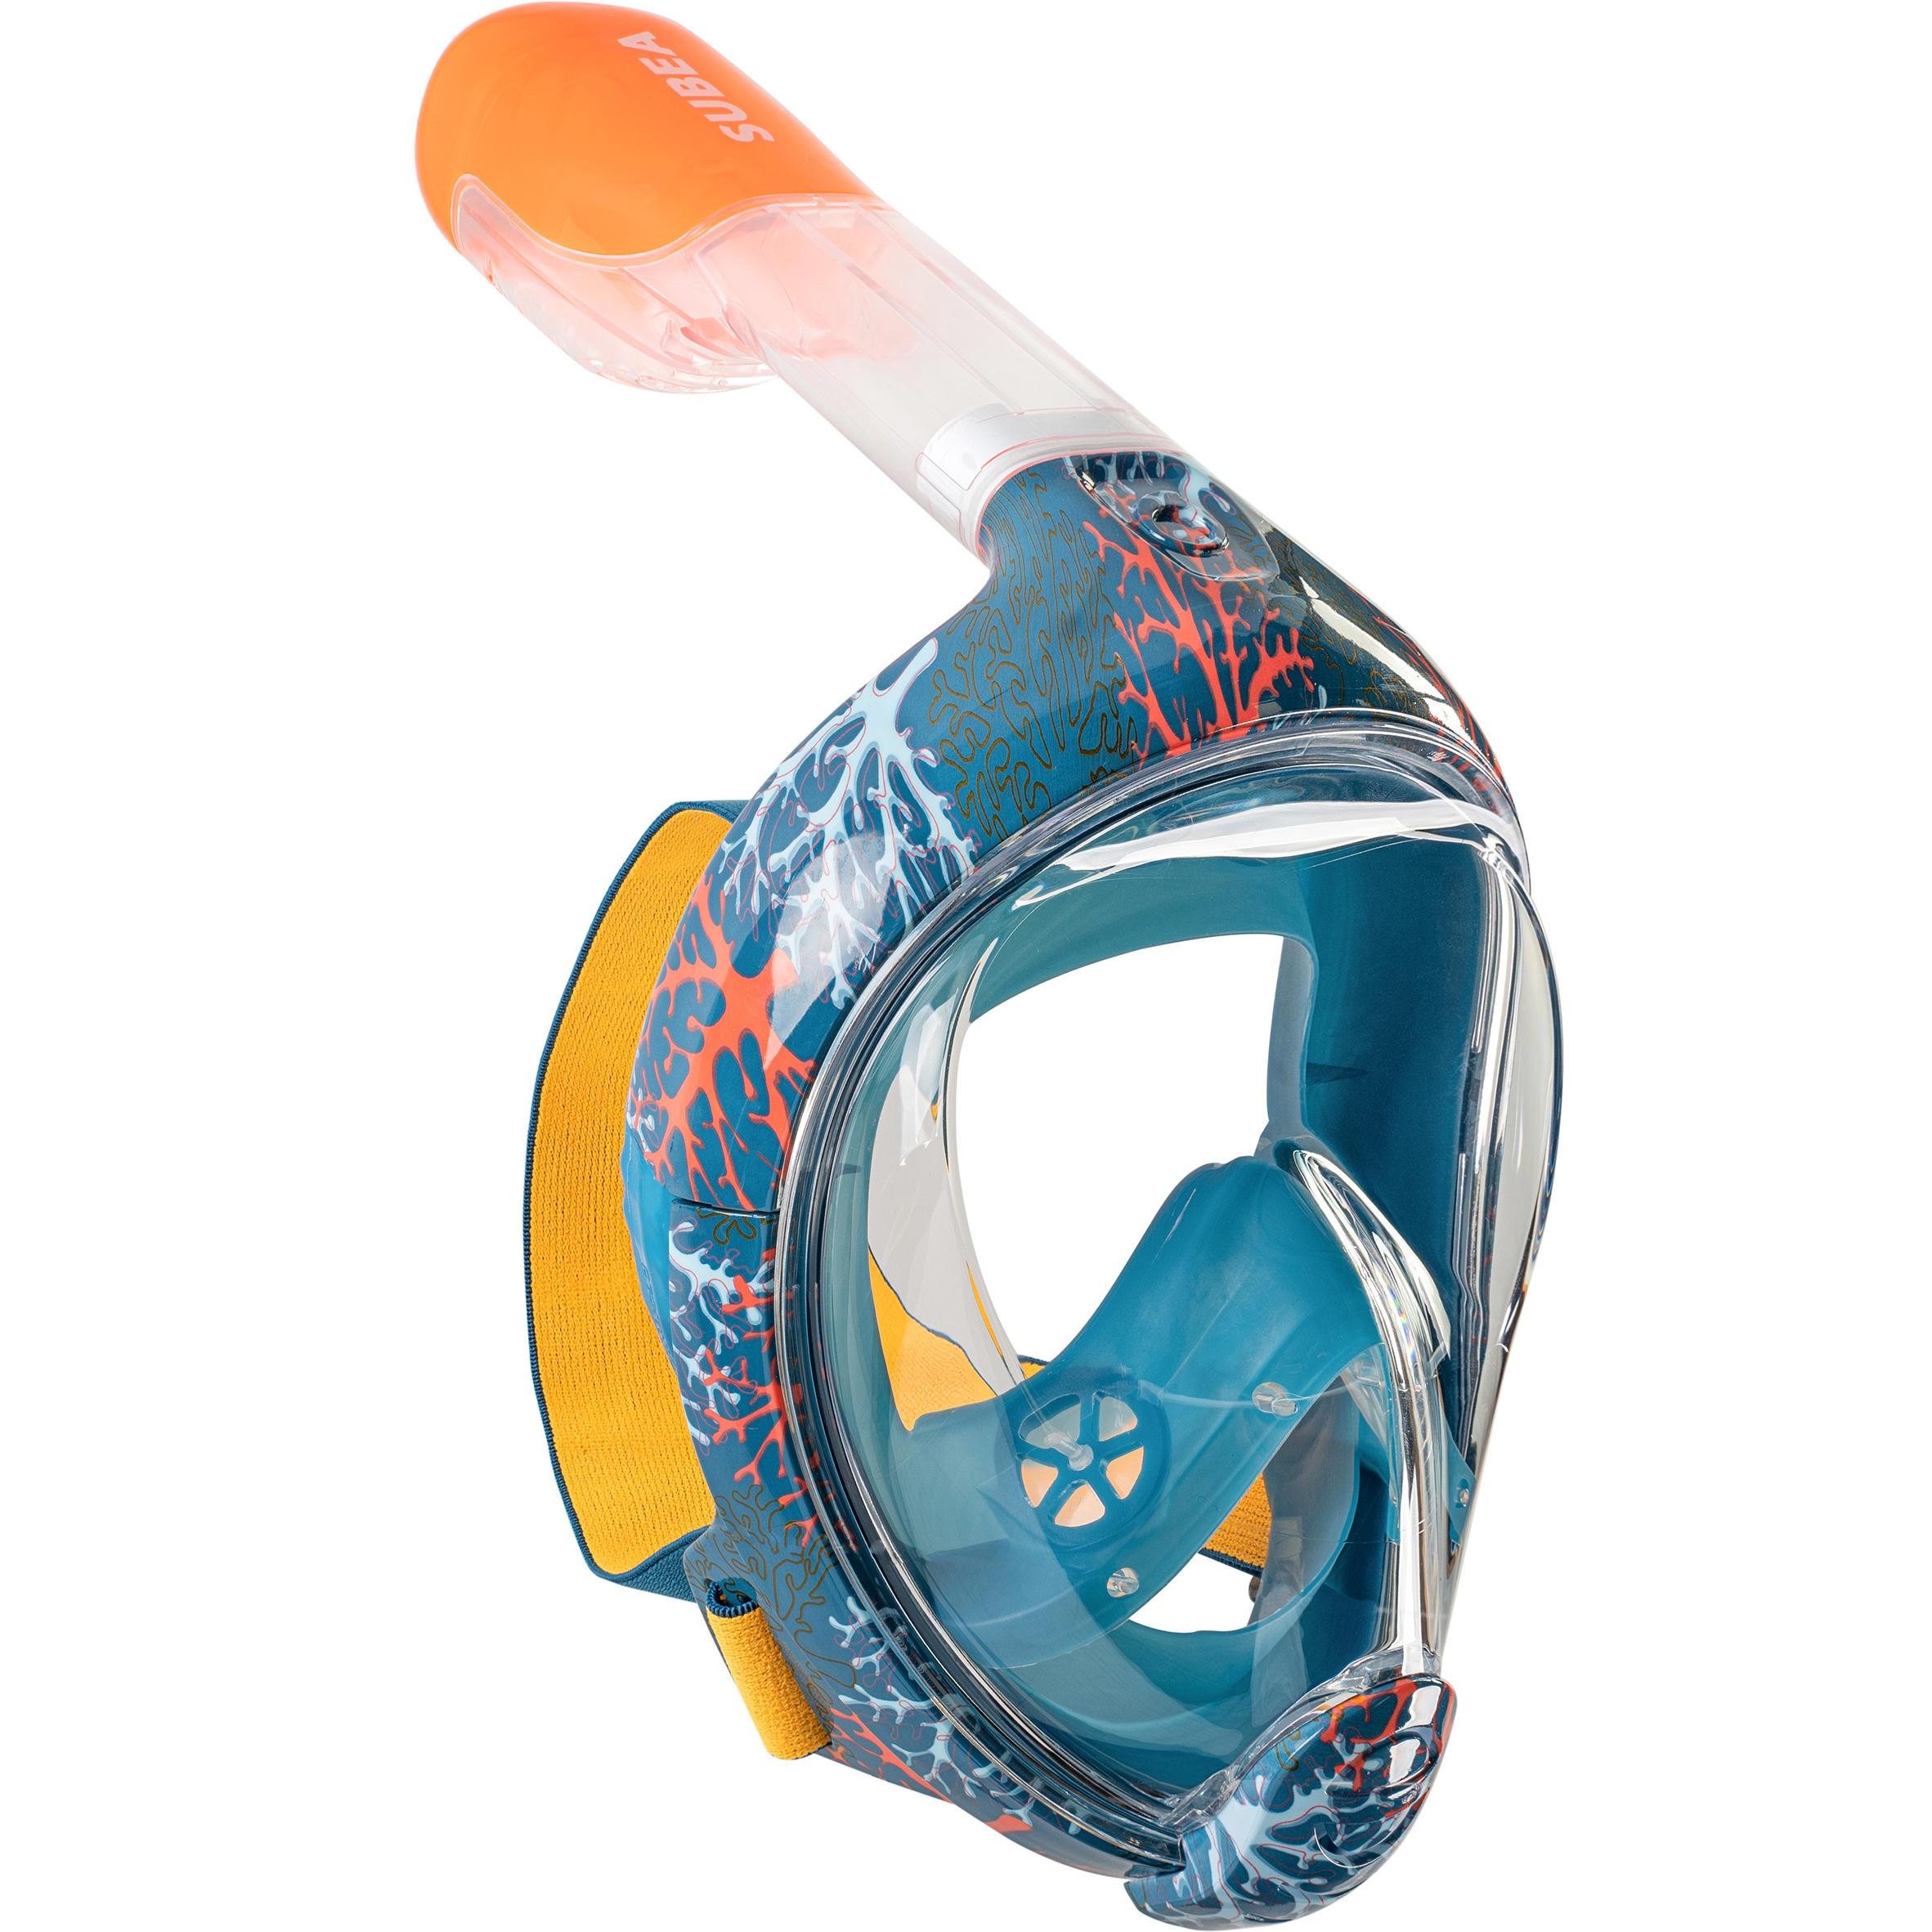 Snorkelmasker voor kinderen (6-10 jaar / maat xs) easybreath koraal